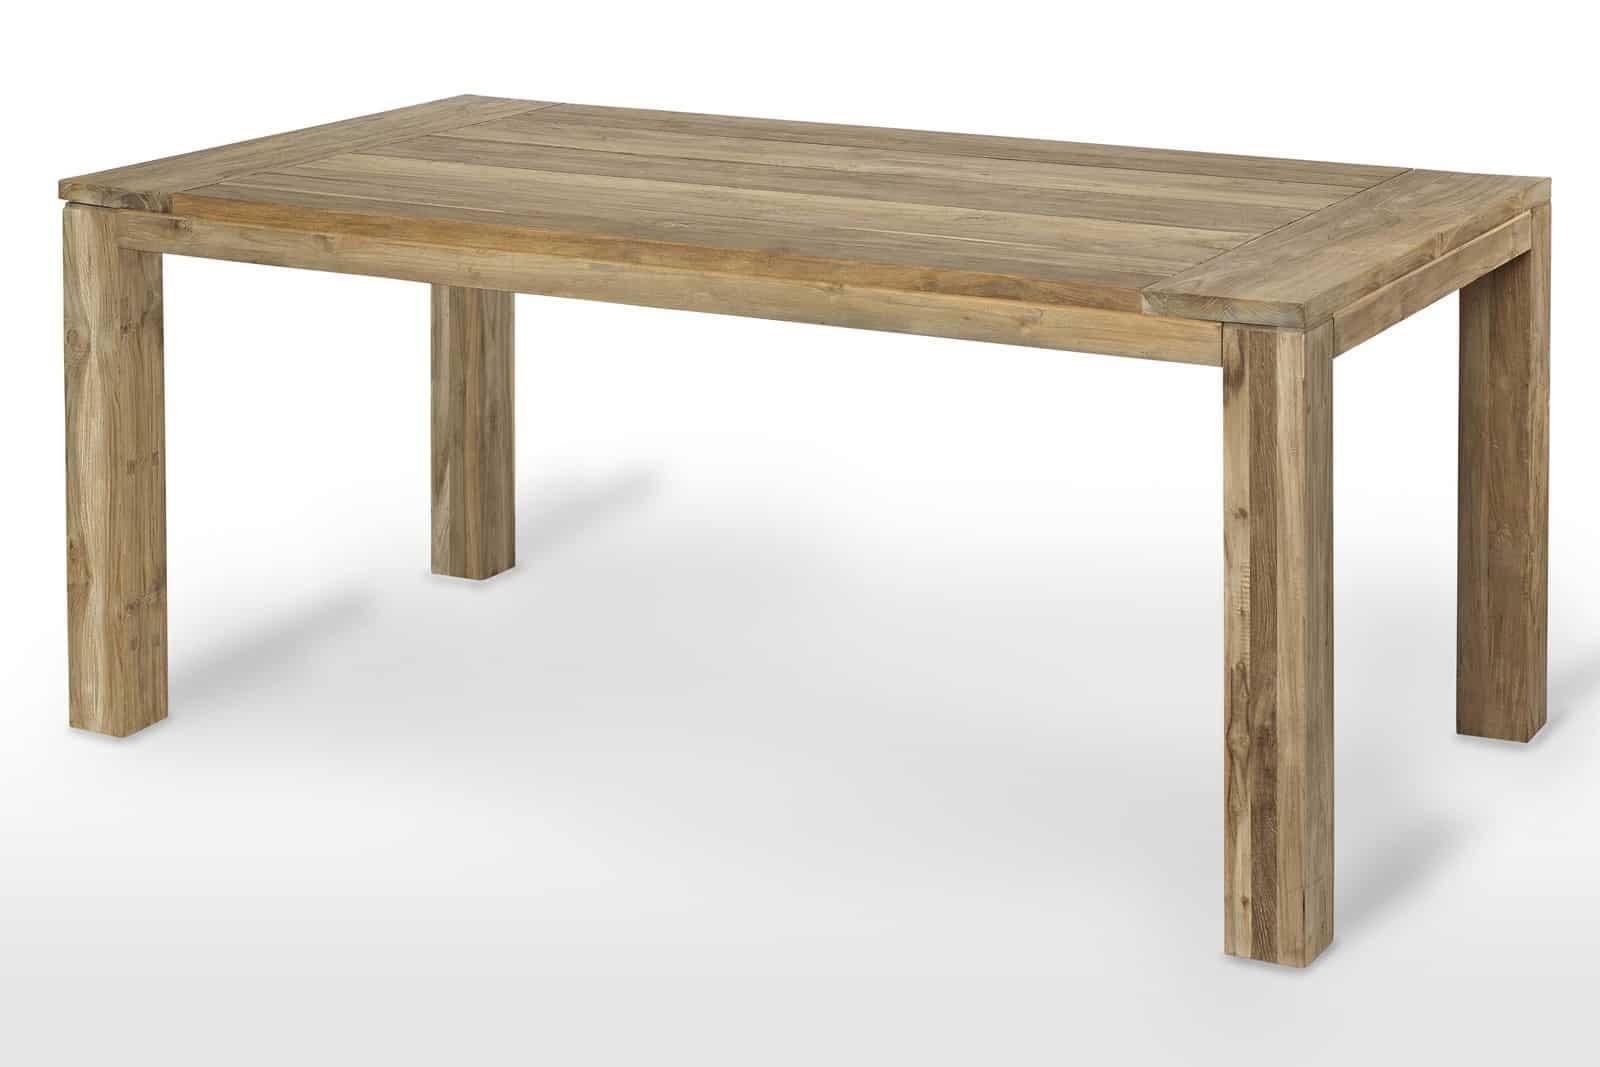 Zestaw rattanowy ogrodowy stół Nimes